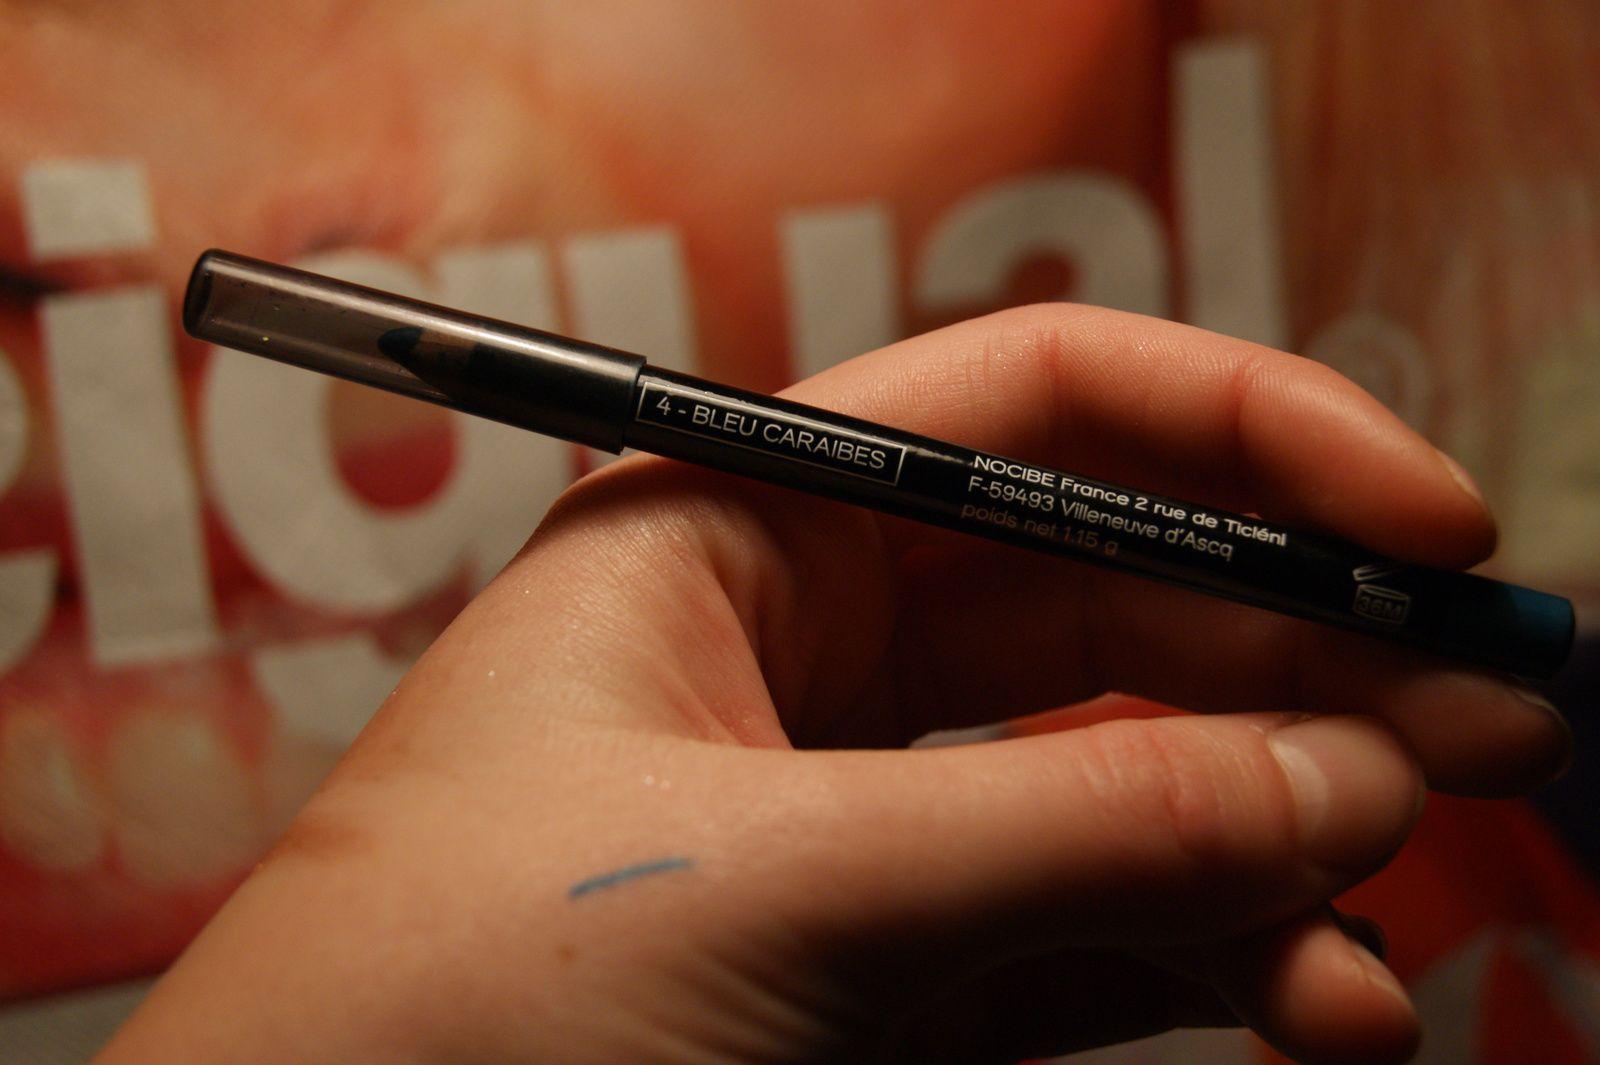 Crayon Yeux Nocibé Regard mystérieux teinte Bleu Caraïbe, revue et swatch, demoisailesfaitdesrevues.over-blog.com